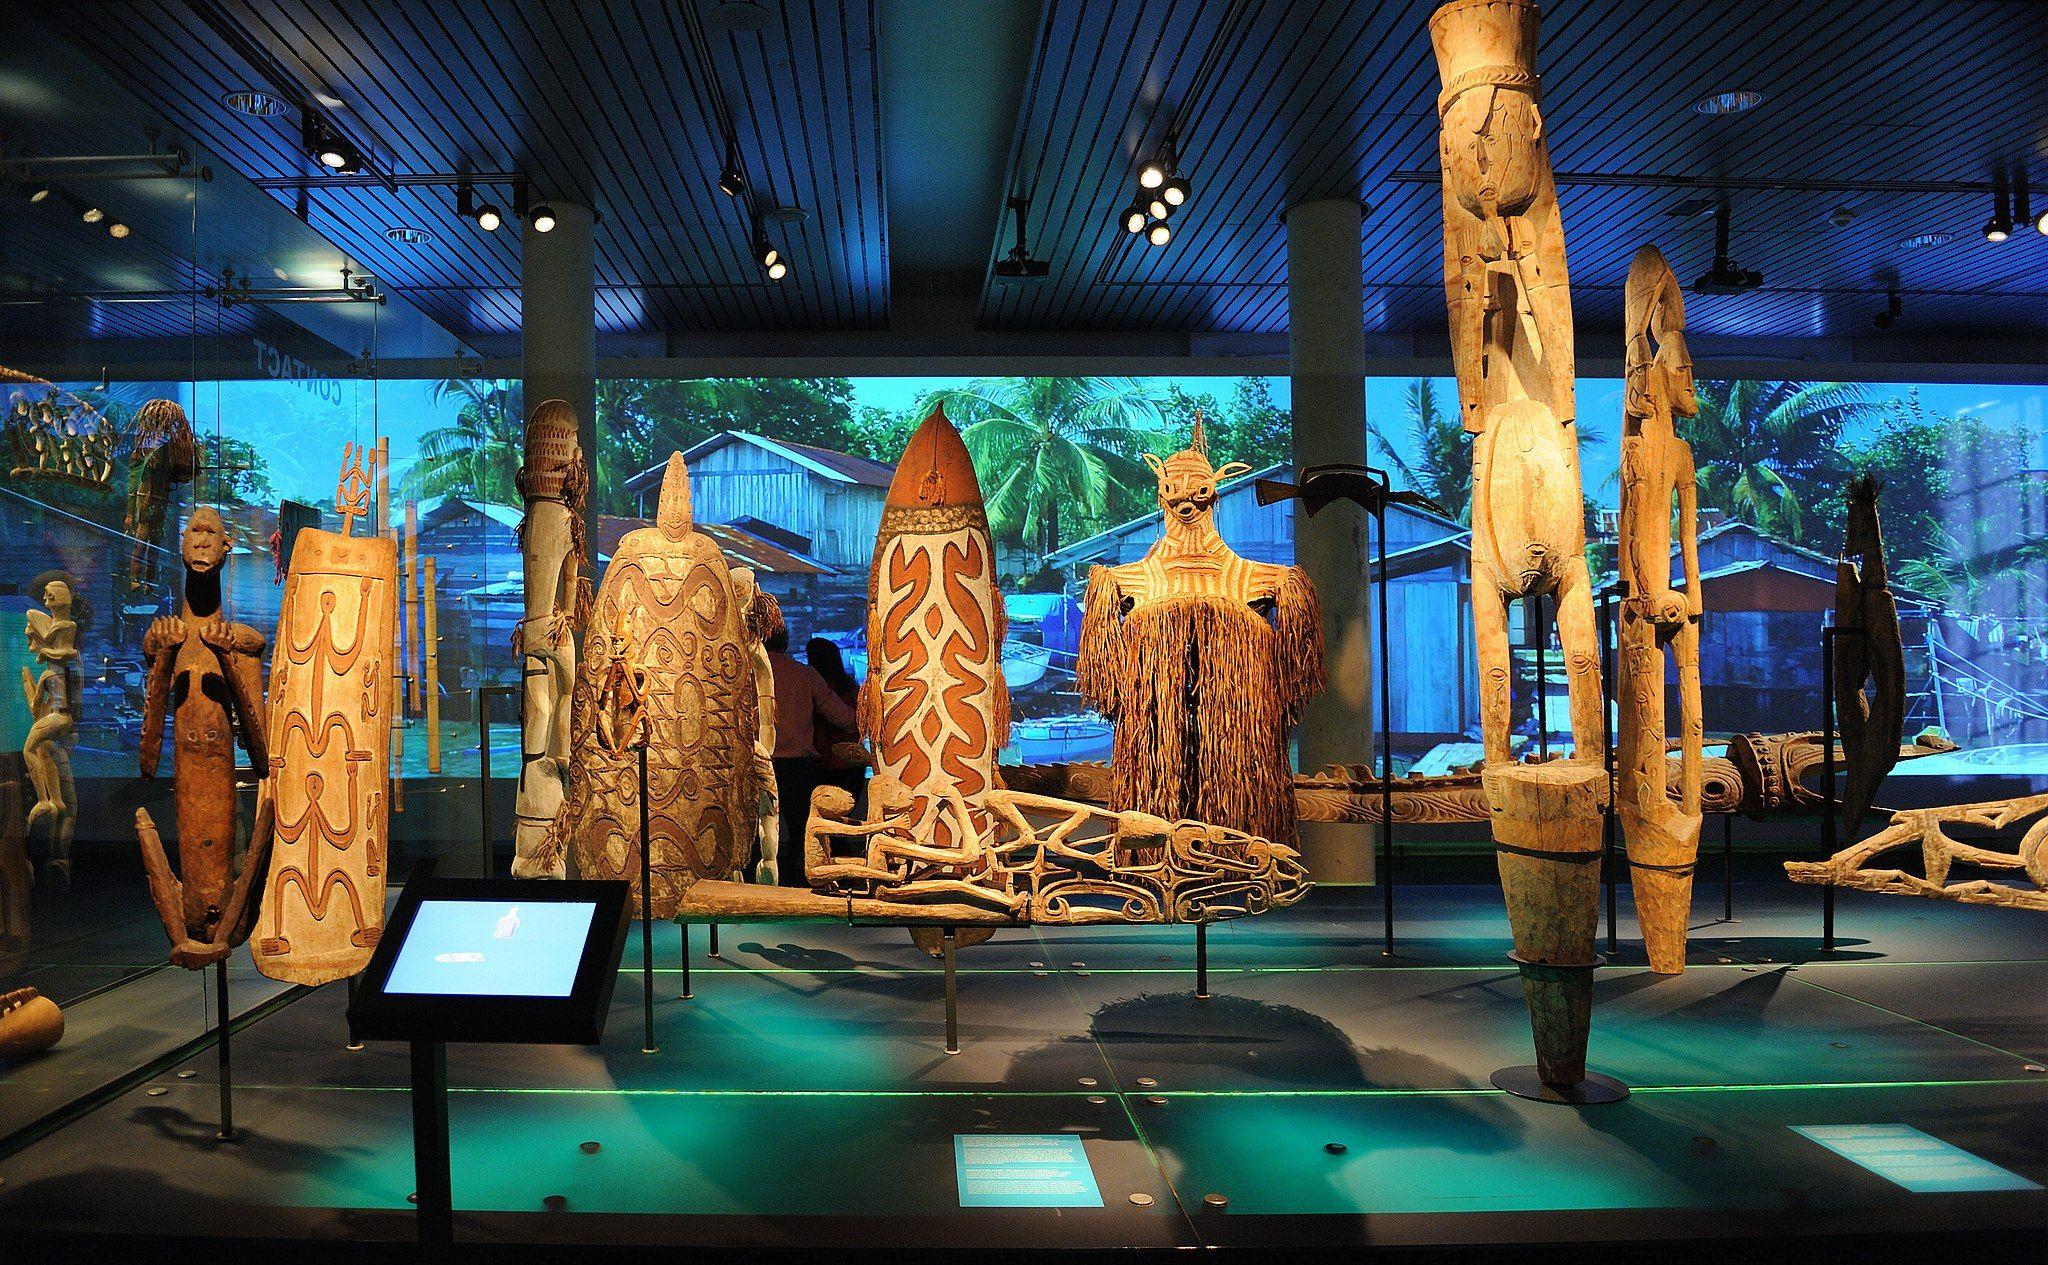 荷兰莱顿民族学博物馆的大洋洲艺术